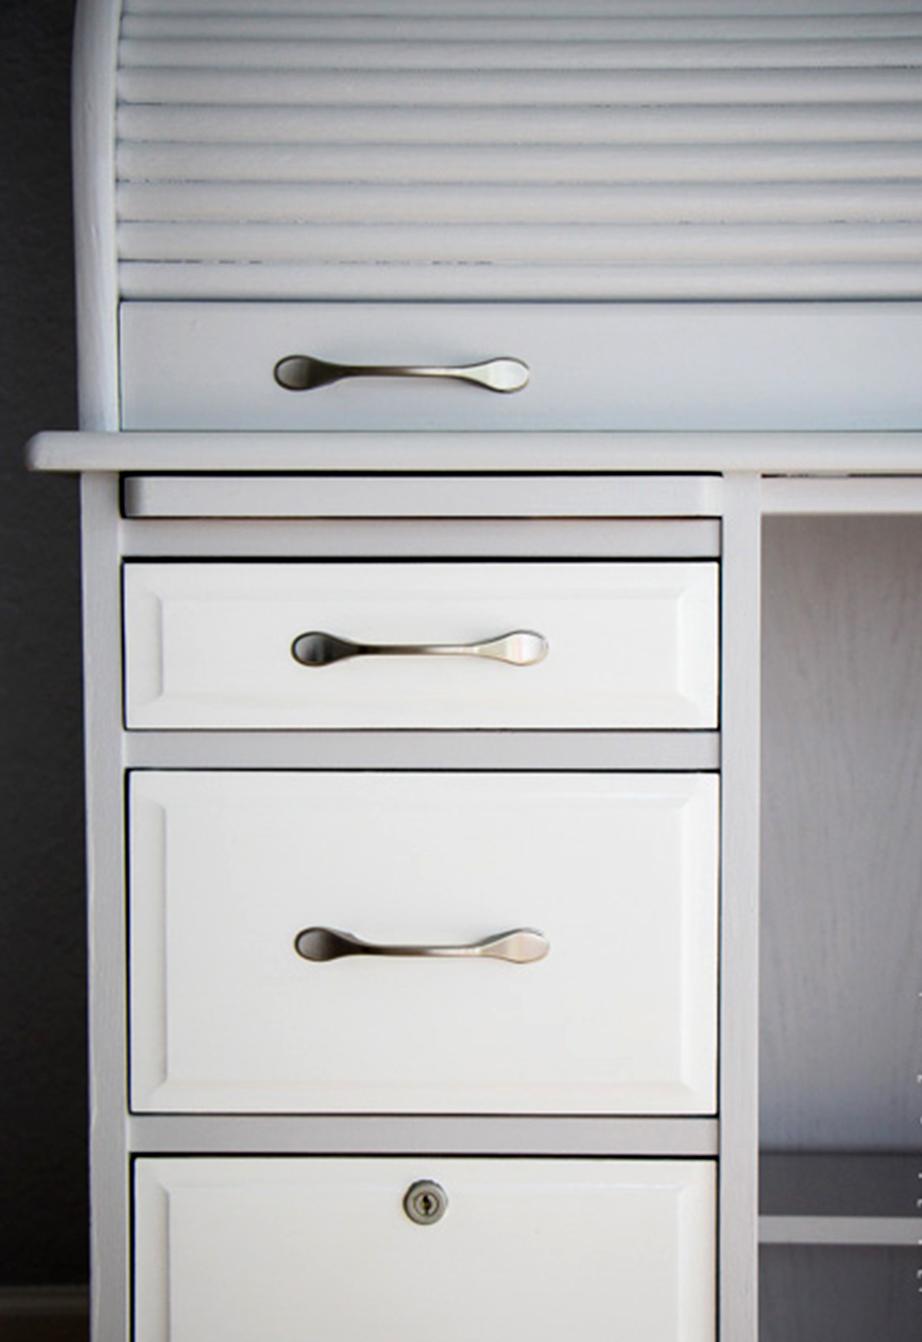 Απαλό, ανοιχτό γκρι και λευκό επιλέχθηκαν για την επένδυση του χρώματος στην εξωτερική επιφάνεια του επίπλου, ενώ μεταλλικές είναι πλέον οι λαβές των συρταριών.